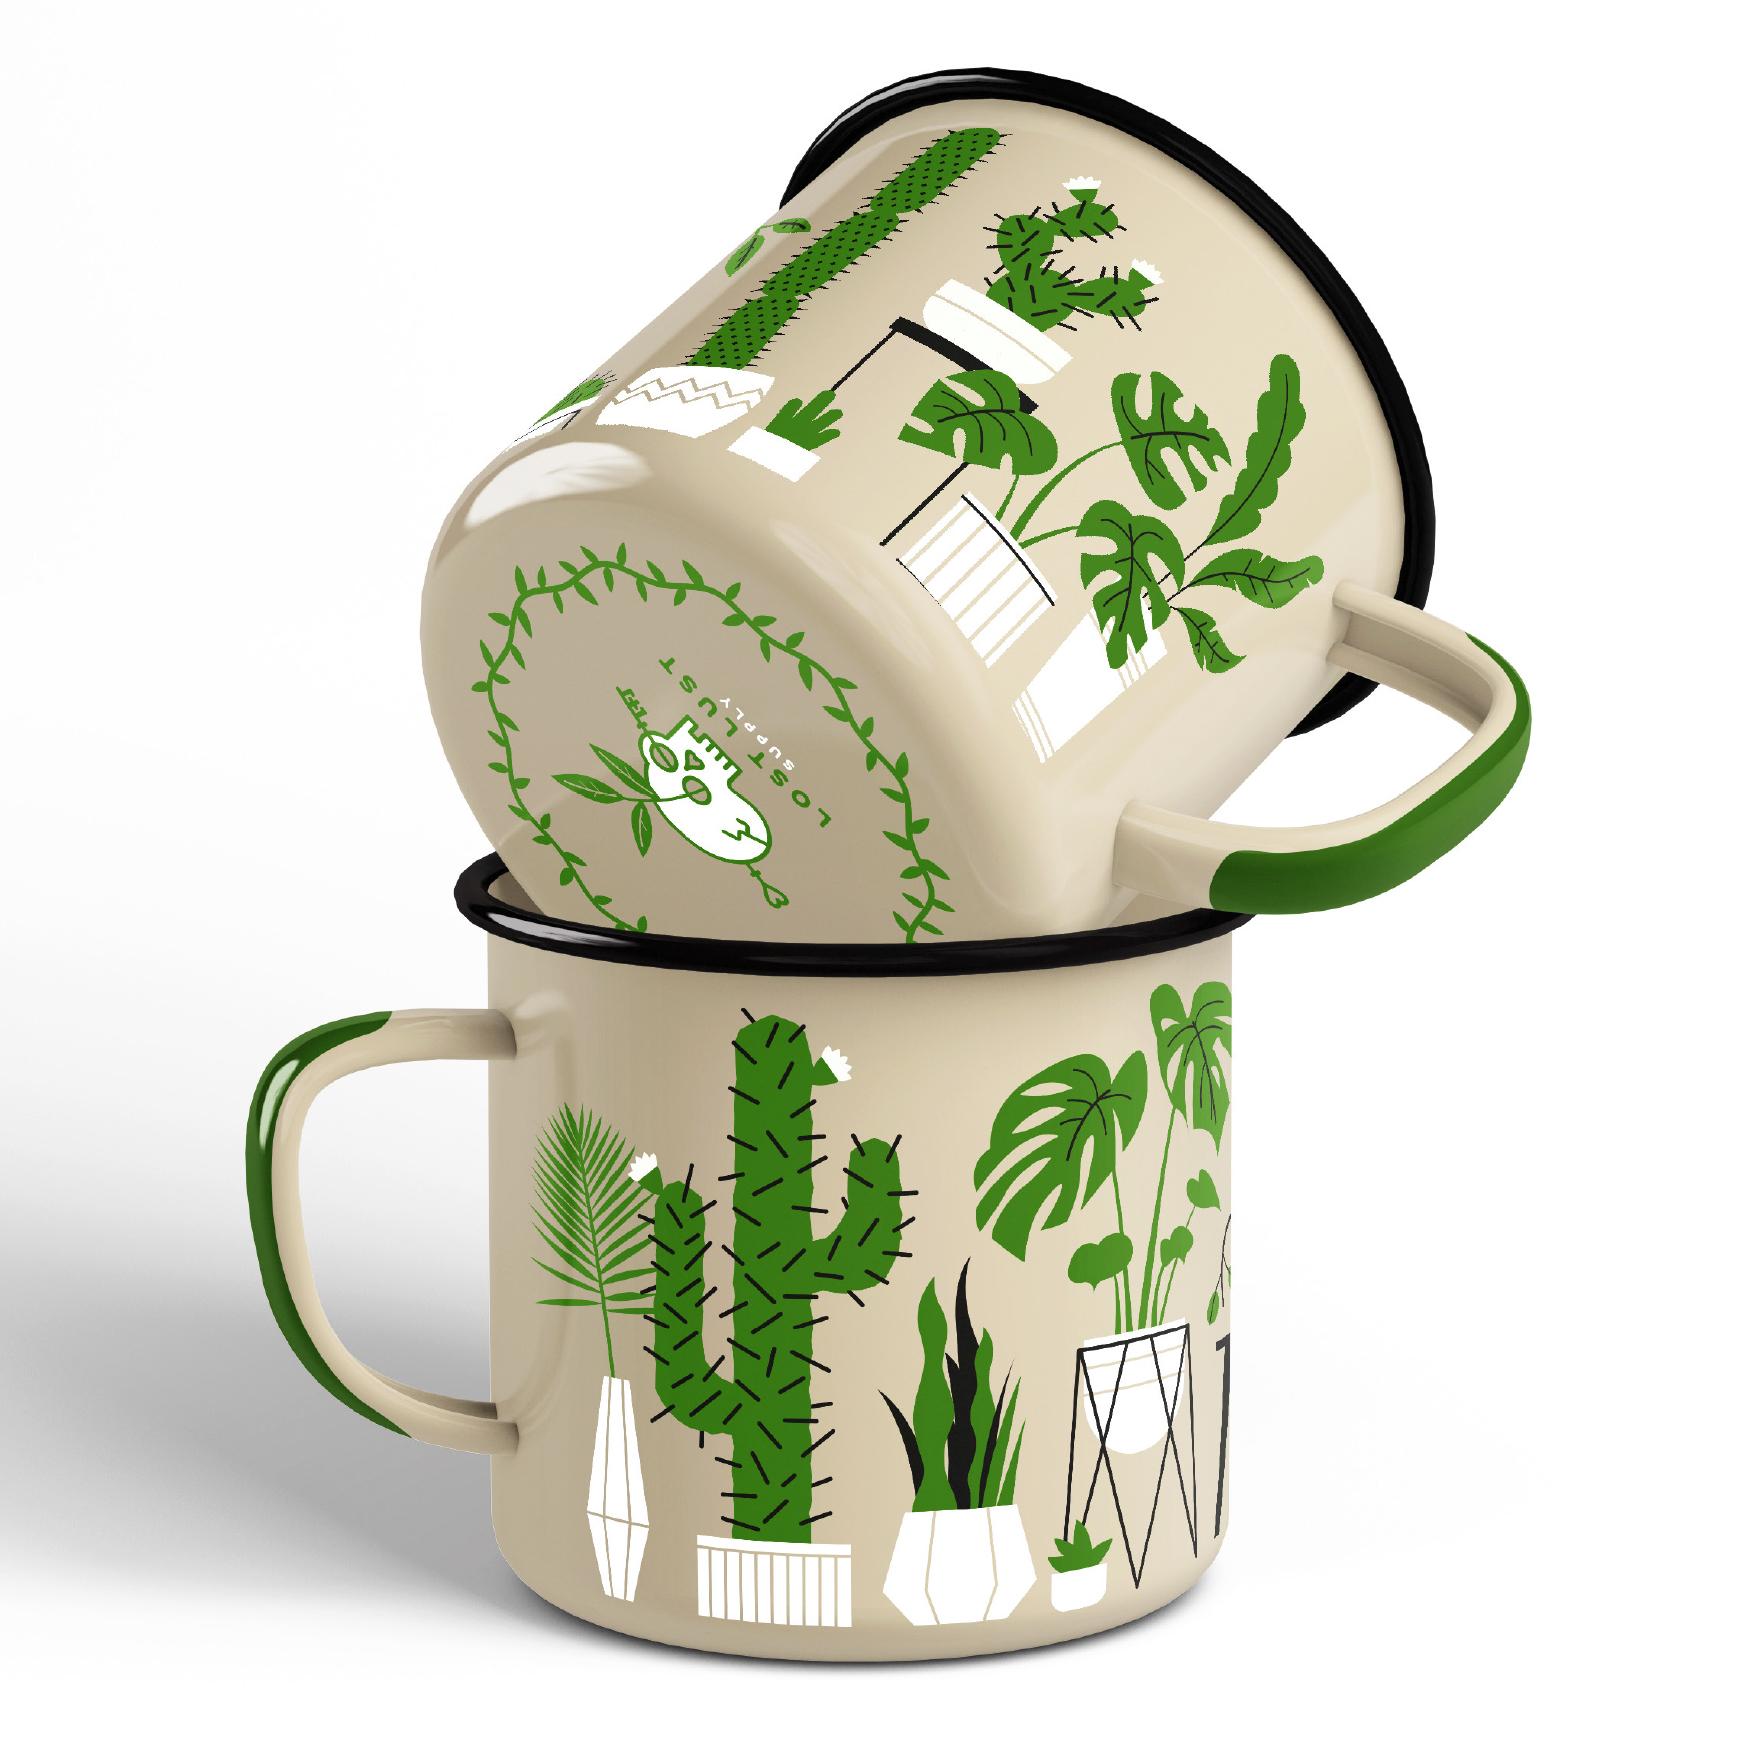 LLS171 : Synthesis Mug enamel + steel camp mug 12 oz. $18